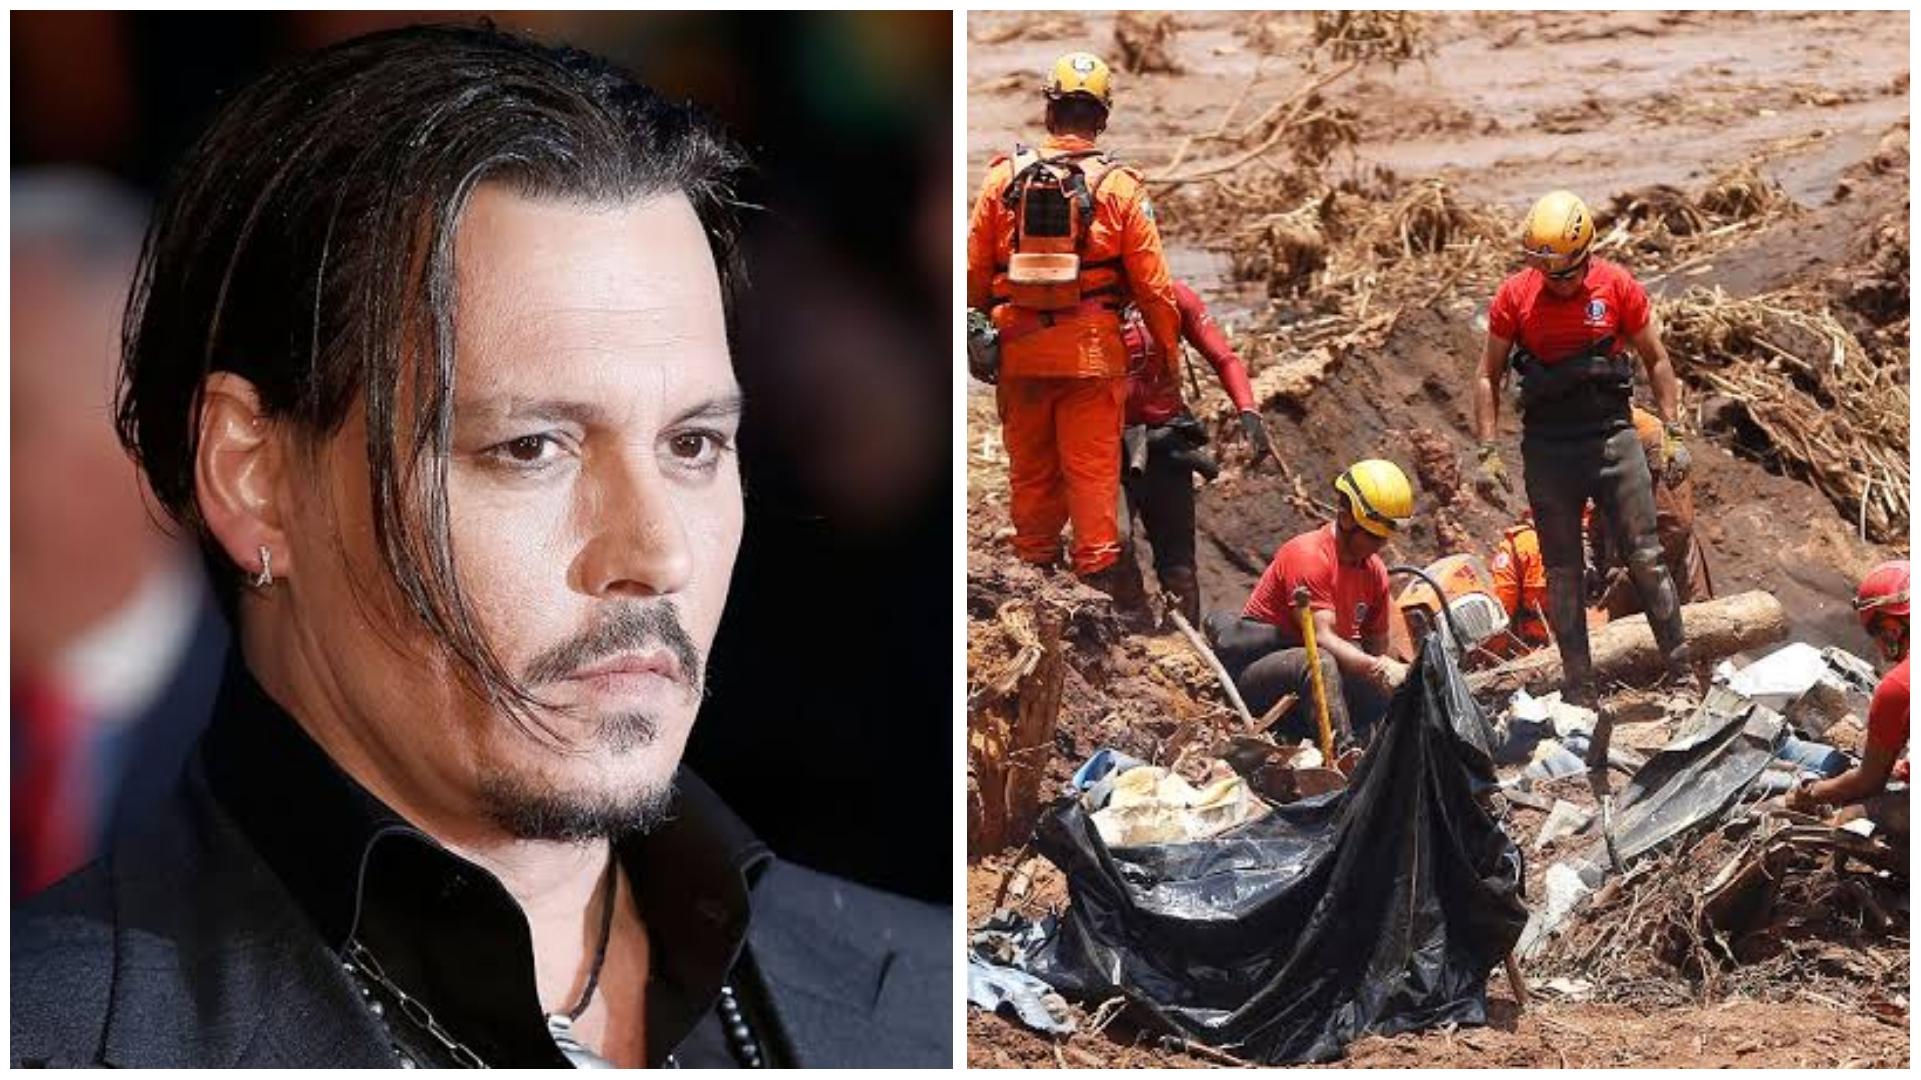 Johnny Depp estrela filme relacionado a tragédia de Brumadinho